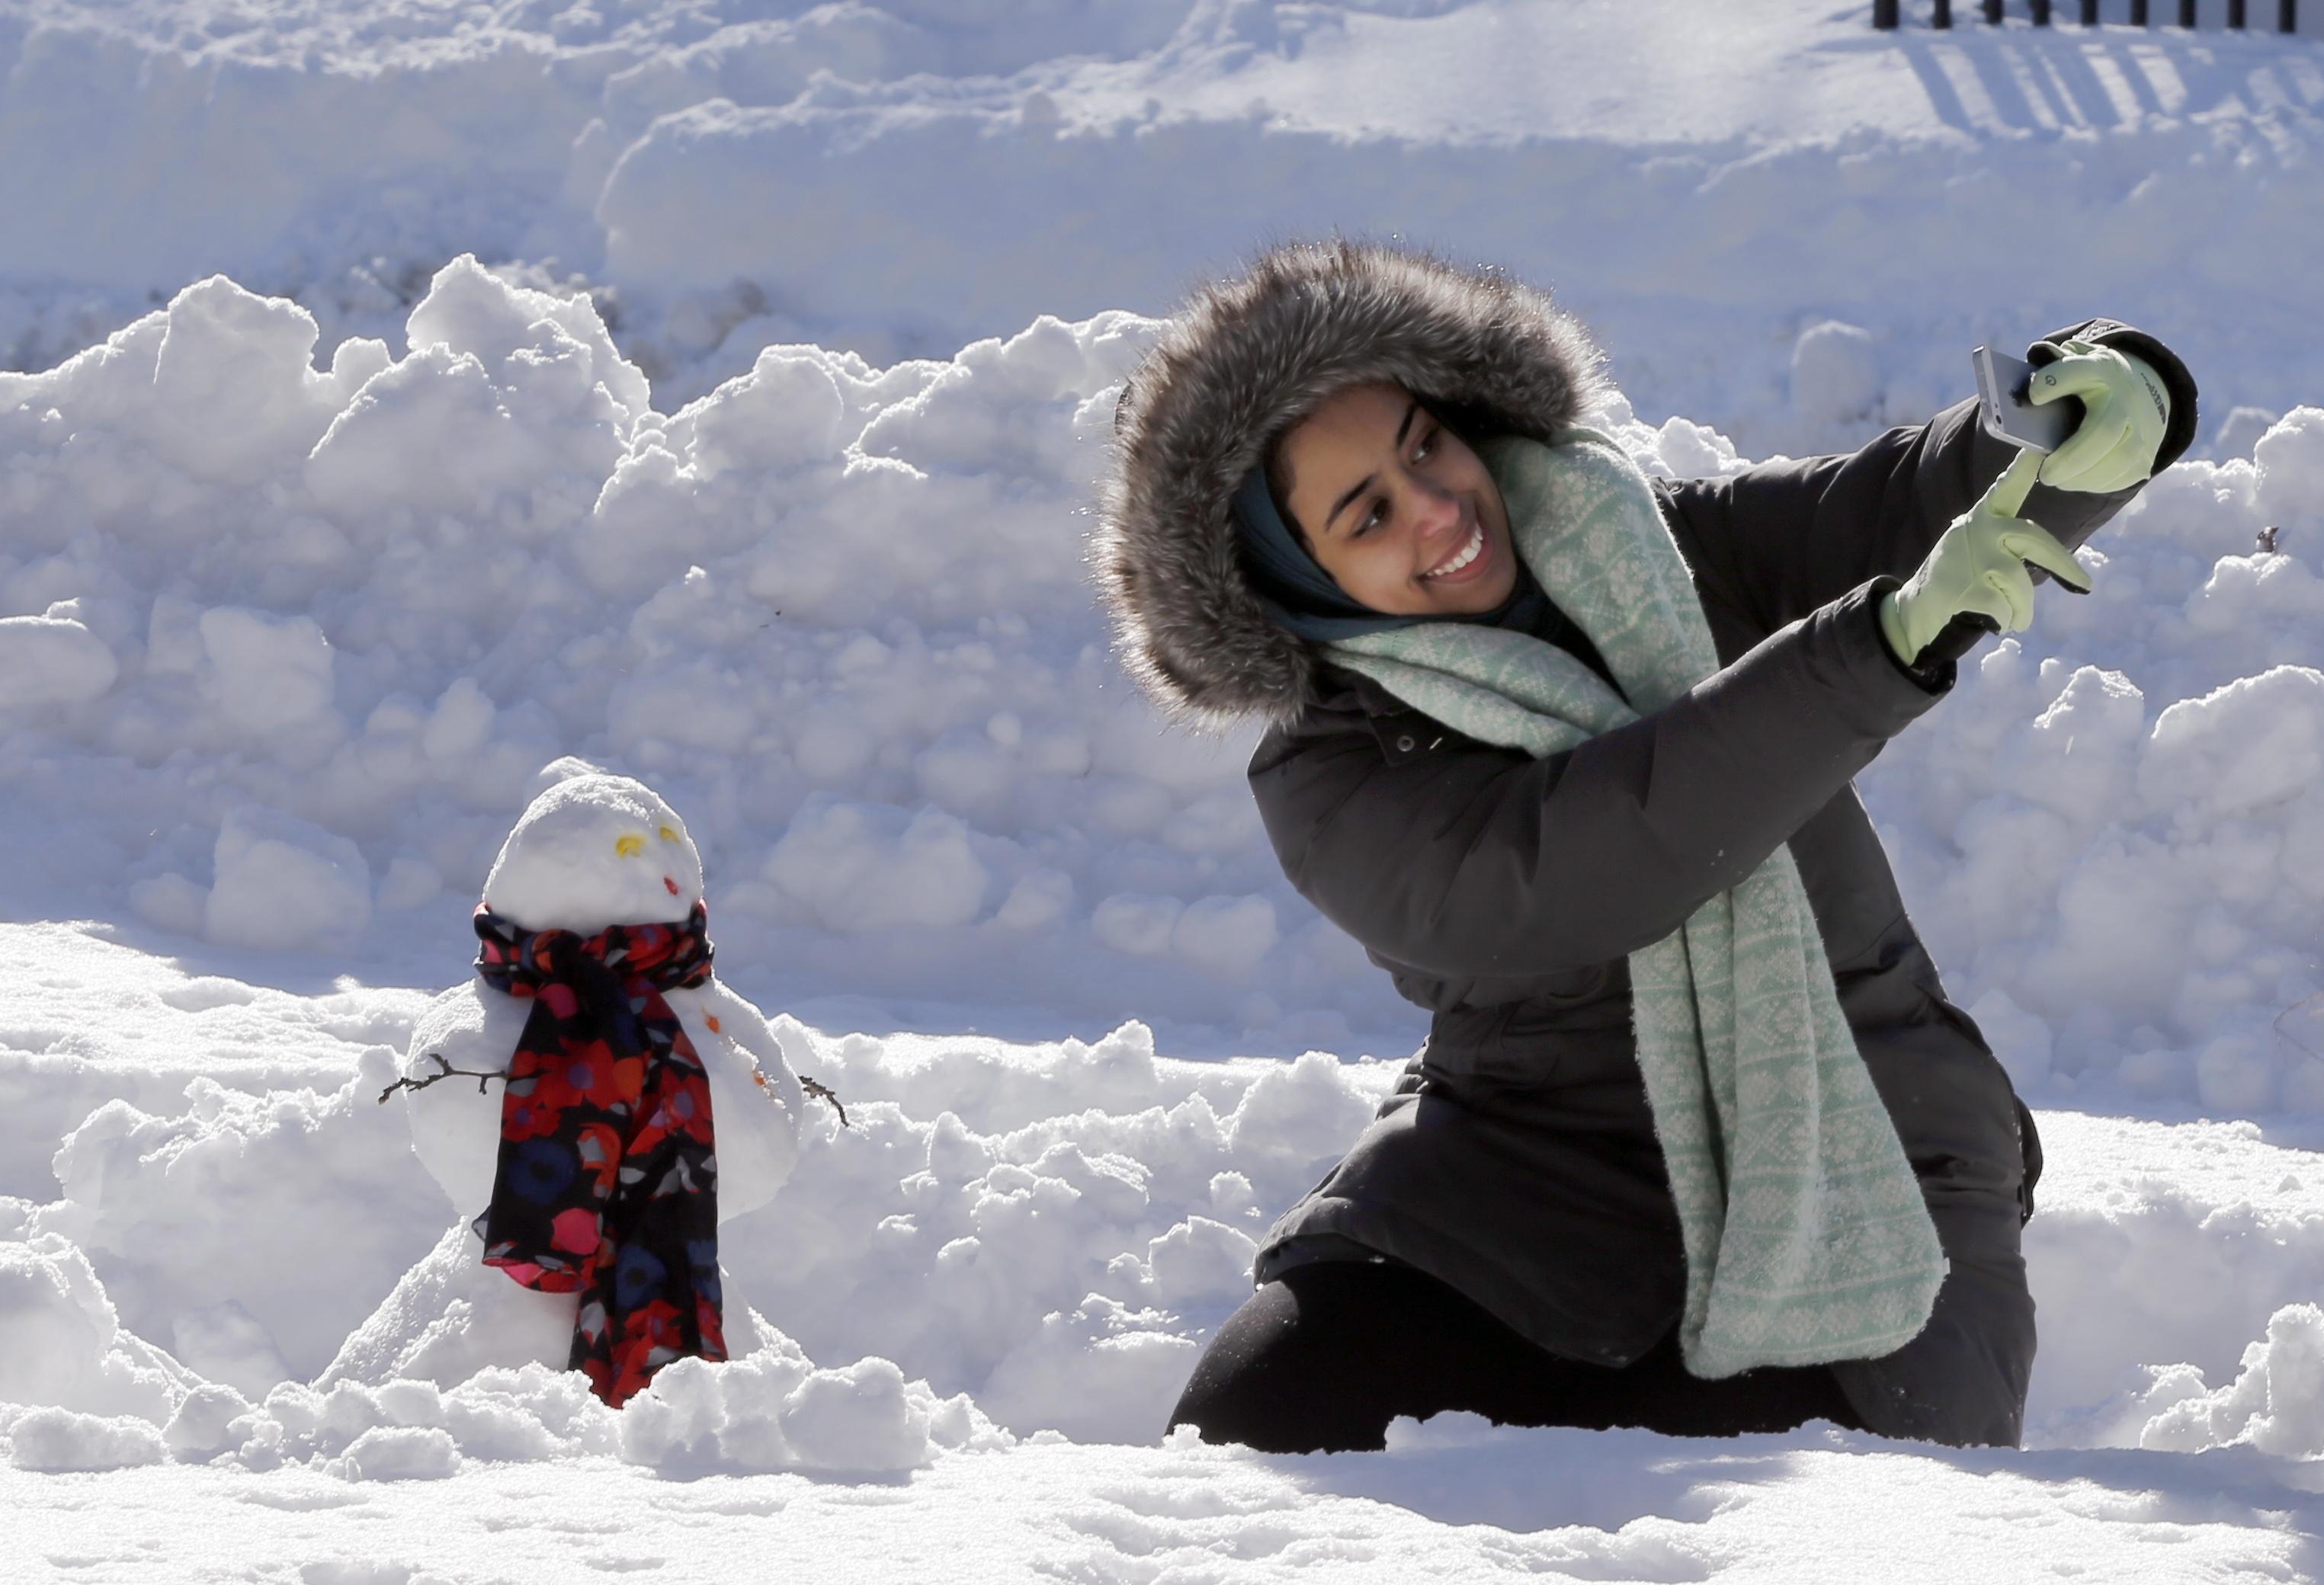 Imagini pentru imagini cu selfie în zăpadă